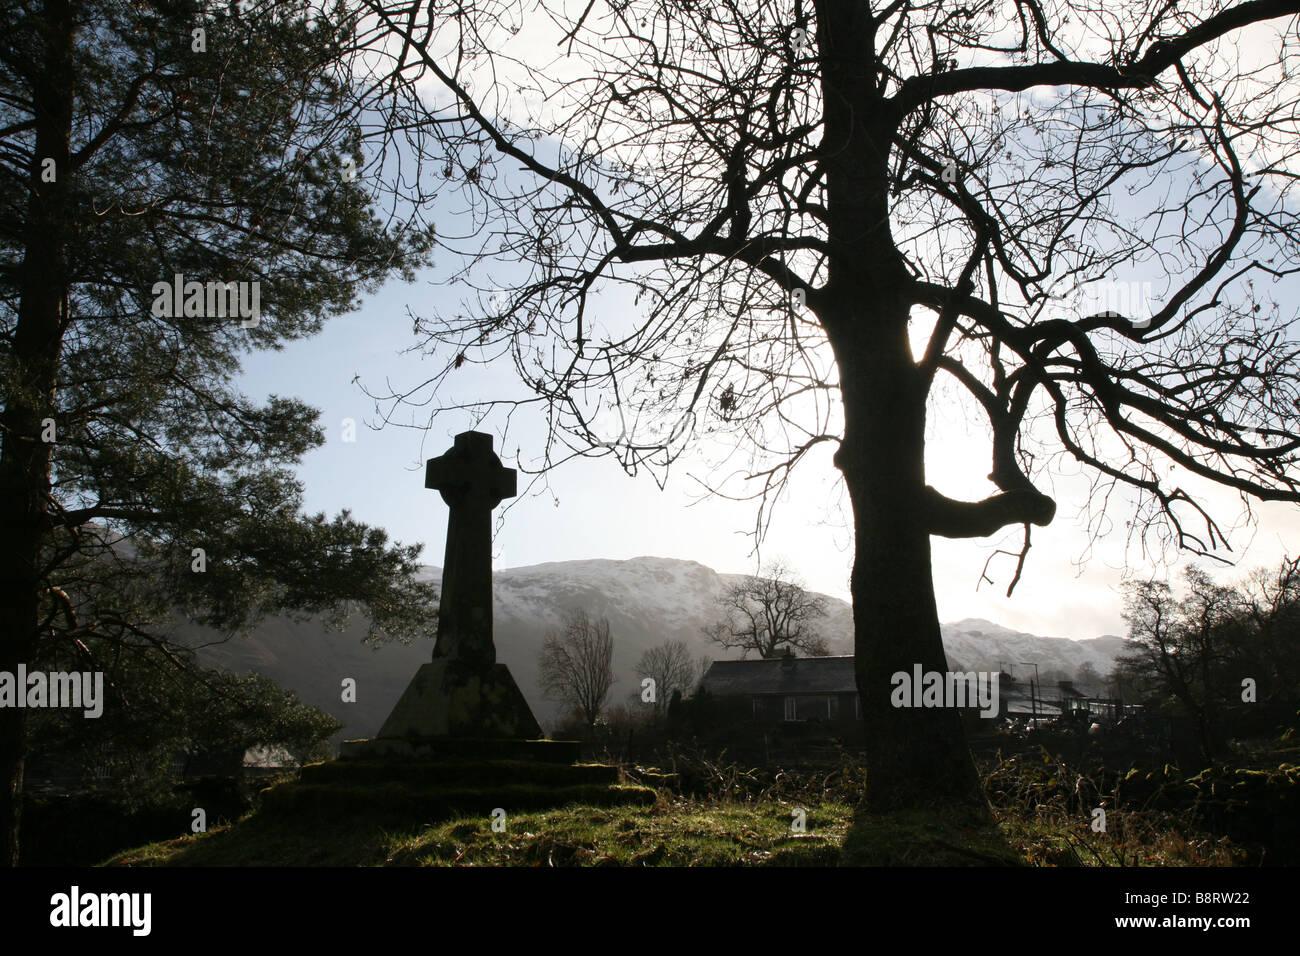 Tumba de piedra y árbol en la luz de la mañana Imagen De Stock